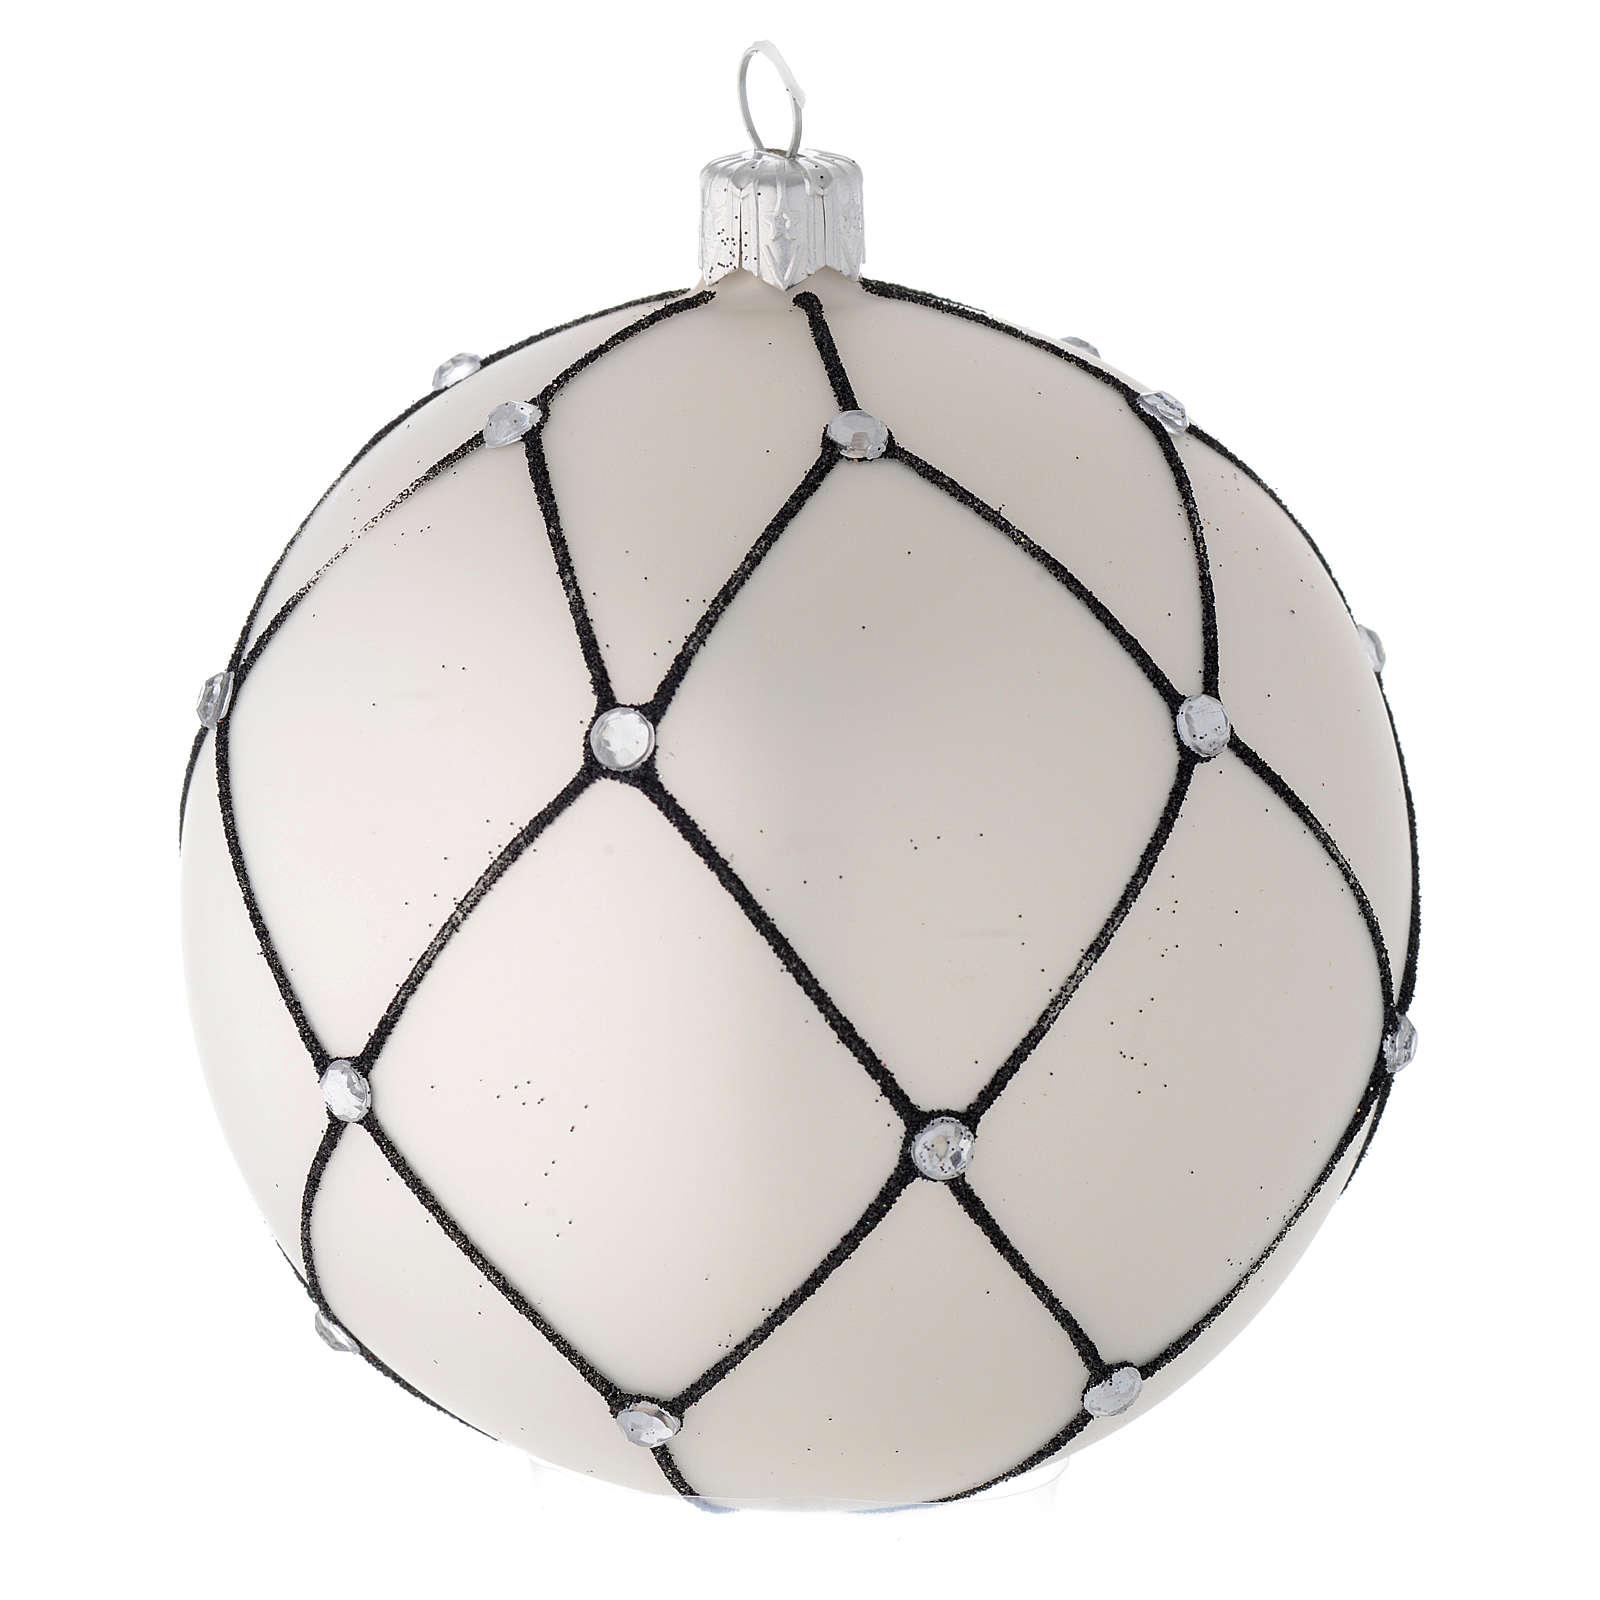 Bola árbol de Navidad de vidrio soplado blanco con decoración negra 100 mm 4